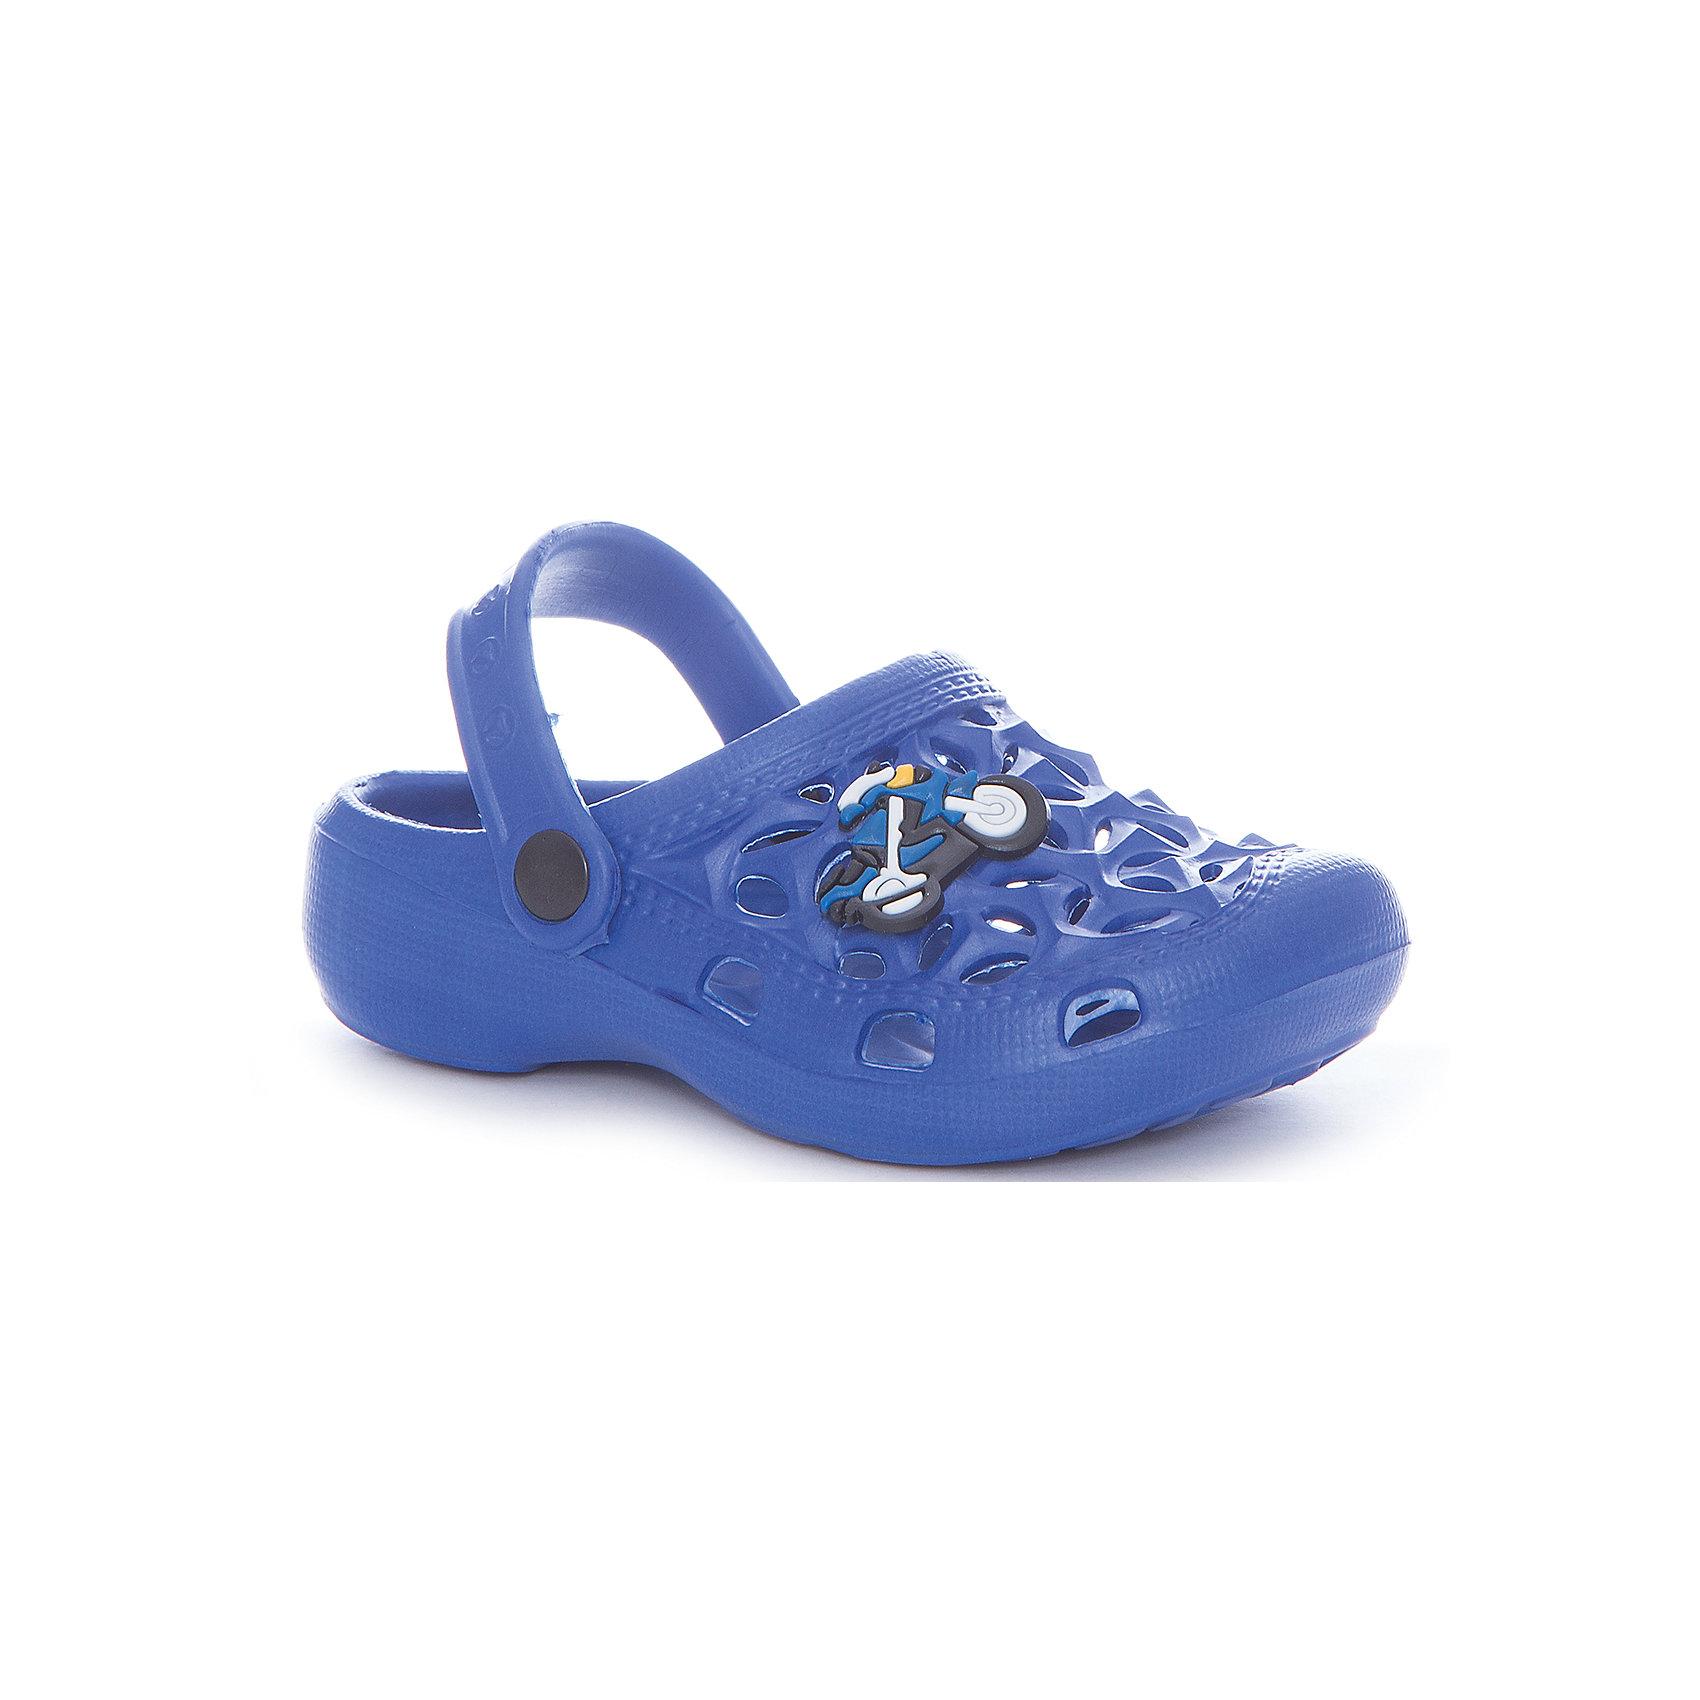 Сабо пляжные для мальчика MURSUПляжная обувь<br>Характеристики товара:<br><br>• цвет: синий<br>• внешний материал: ЭВА<br>• внутренний материал: ЭВА<br>• стелька: ЭВА<br>• подошва: ЭВА<br>• облегчённая модель<br>• подходит для пляжа <br>• удобная фиксация пятки<br>• отверстия для вентиляции<br>• устойчивая подошва<br>• страна бренда: Финляндия<br>• страна изгтовитель: Китай<br><br>Детям для правильного развития стопы и всего организма необходима качественная обувь. Эта удобная пляжная обувь поможет создать ногам ребенка комфортные условия, благодаря продуманной конструкции она отлично сидит на ноге. Это отличный вариант правильной и красивой детской обуви!<br><br>Туфли от финского бренда MURSU (МУРСУ) можно купить в нашем интернет-магазине.<br><br>Ширина мм: 248<br>Глубина мм: 135<br>Высота мм: 147<br>Вес г: 256<br>Цвет: синий<br>Возраст от месяцев: 24<br>Возраст до месяцев: 24<br>Пол: Мужской<br>Возраст: Детский<br>Размер: 25,28,29,26,27,24<br>SKU: 5326093